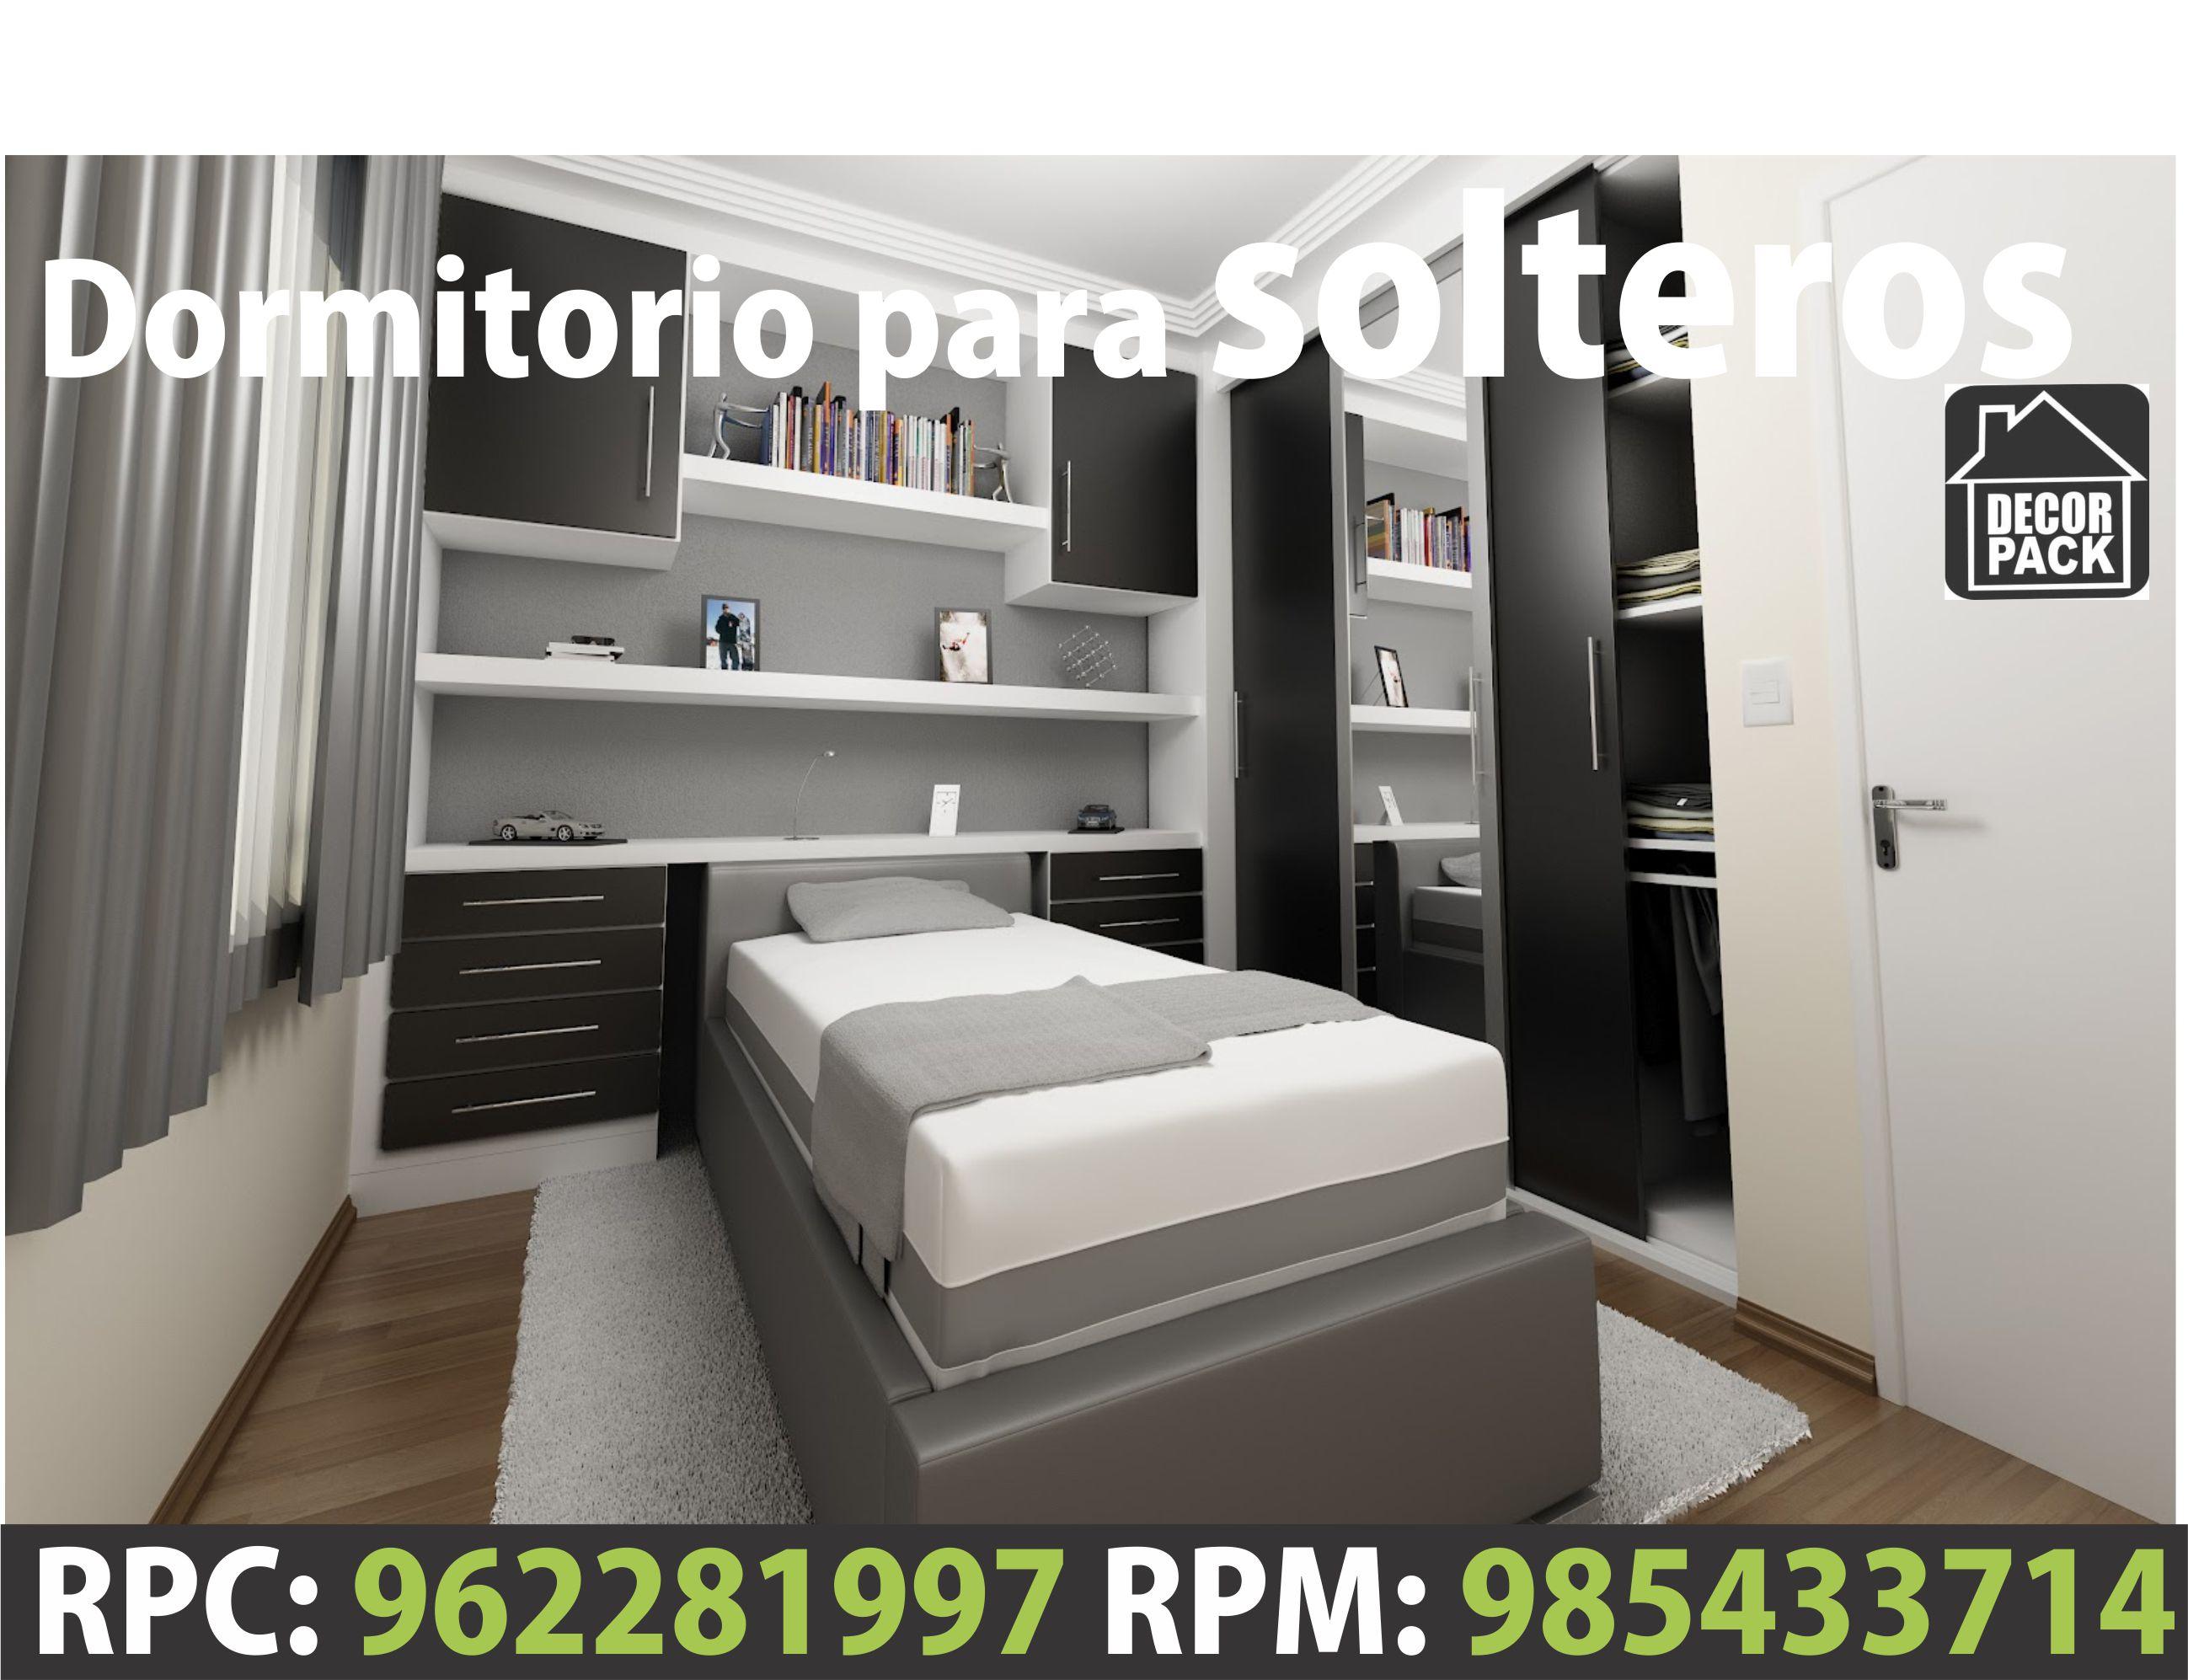 Muebles para solteros putas vídeos Évora-91018